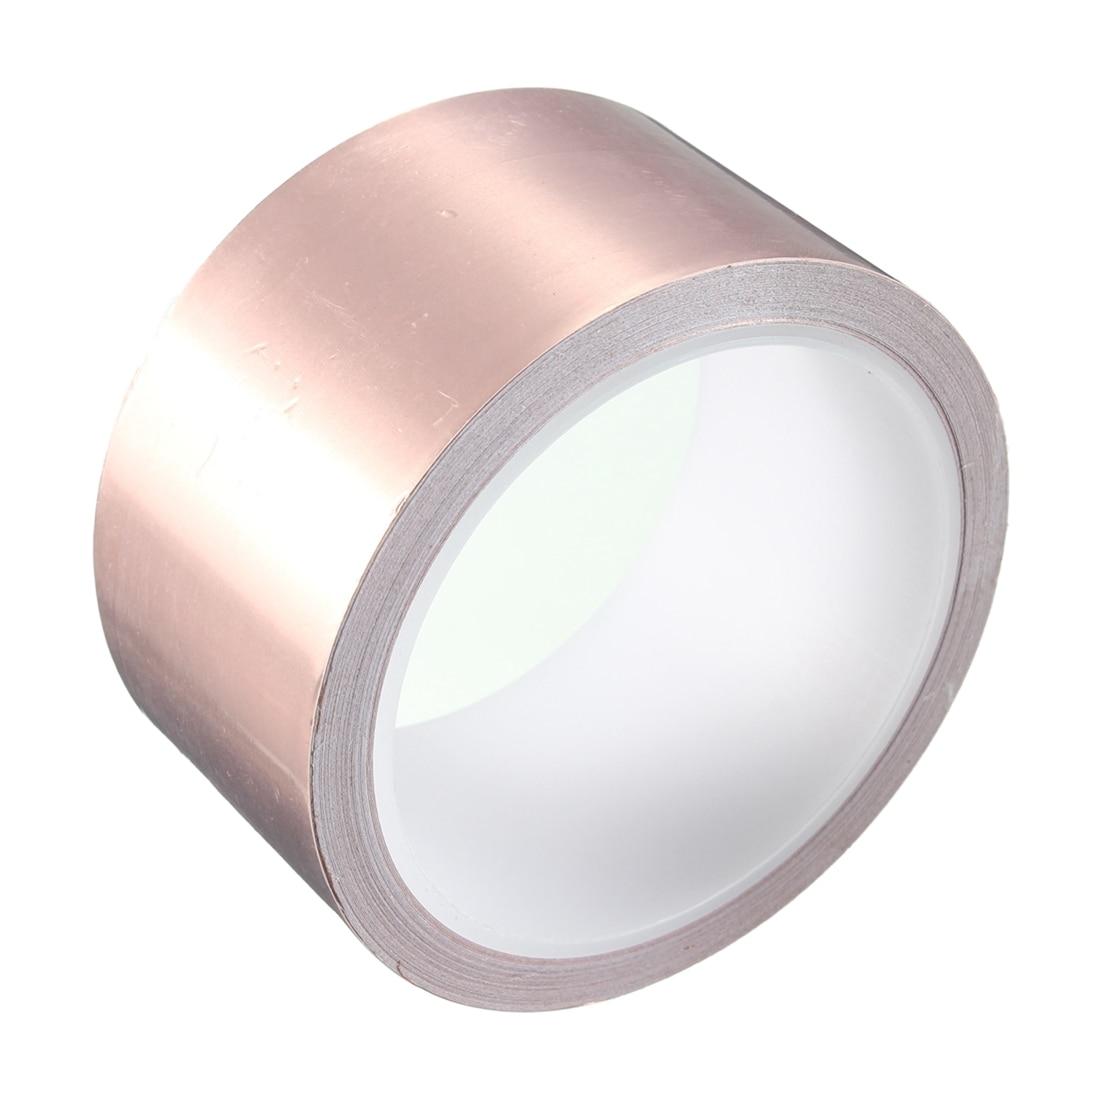 18W Automatic Tape Dispenser Electric Adhesive Tape Cutter Cutting Machine xs90*